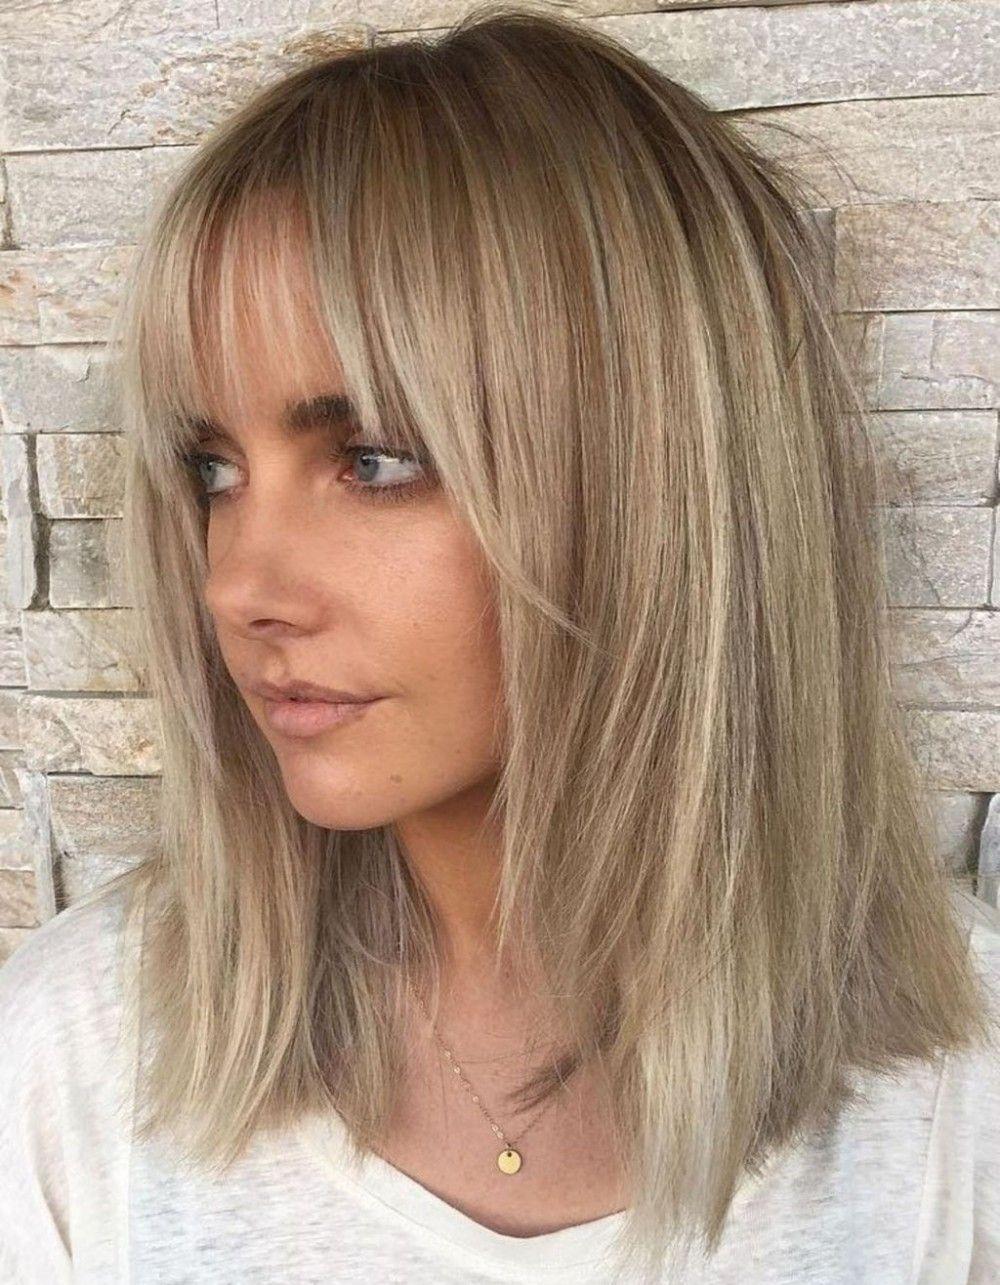 40 Inspirierende Ideen Fur Mittellange Frisuren Die Sie Lieben Werden Mittellanger Haarschnitt Haarschnitt Frisuren Schulterlang